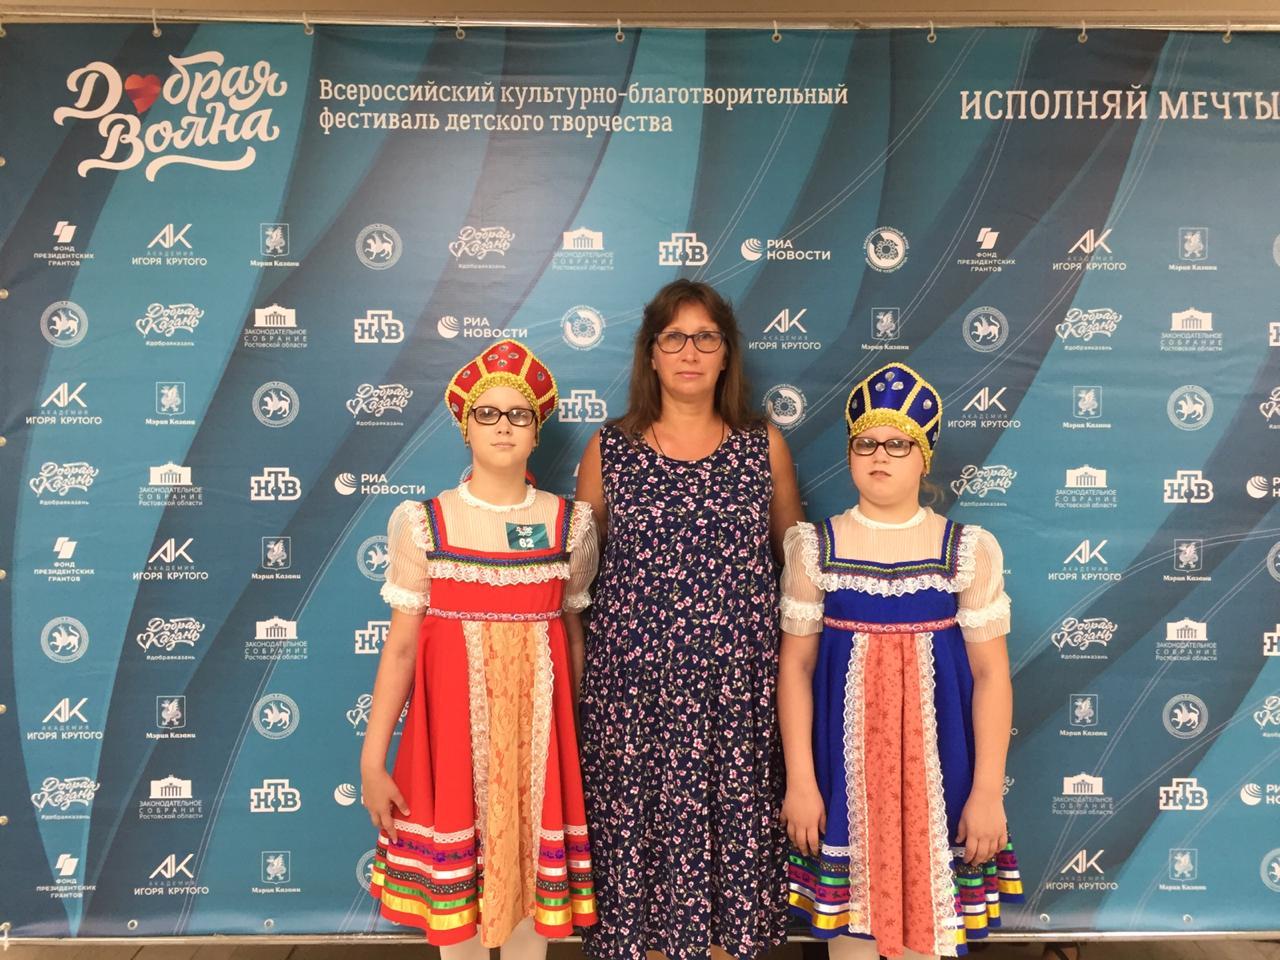 Дуэт сестёр Альшанских из Новочеркасска занял третье место на региональном отборочном туре фестиваля «Добрая волна»